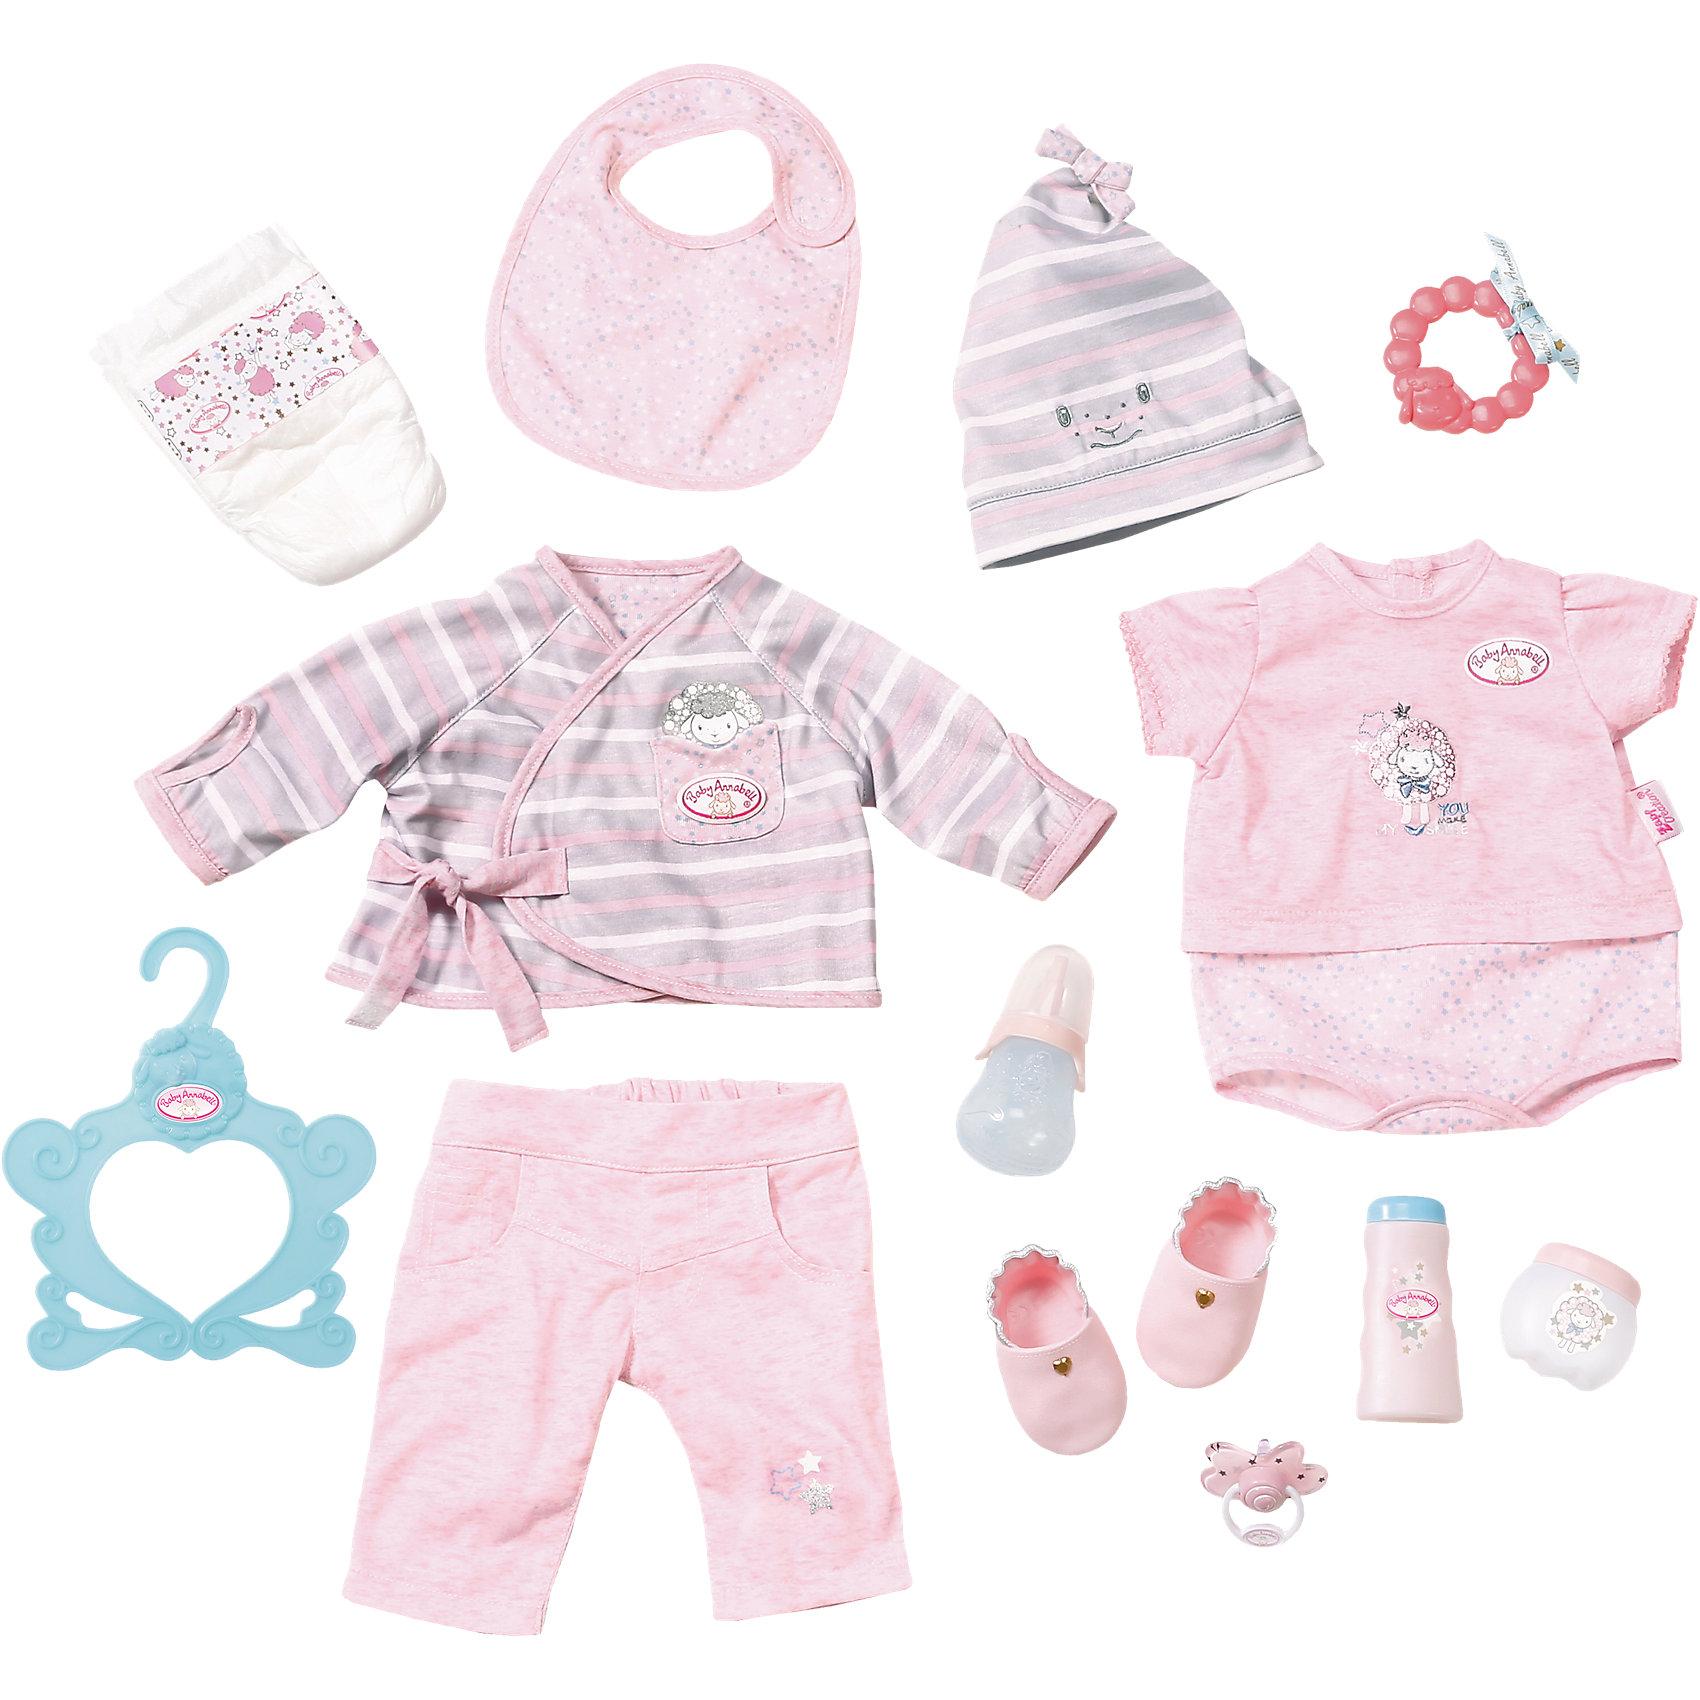 Супернабор с одеждой и аксессуарами, Baby AnnabellКукольная одежда и аксессуары<br>Супернабор с одеждой и аксессуарами, Baby Annabell<br><br>Характеристики:<br><br>• В набор входит: кофточка, штанишки, боди, шапочка, ботиночки, нагрудник, подгузник, бутылочки, пустышка, украшение-игрушка, вешалка<br>• Состав: текстиль, пластик<br>• Размер: 36 * 8 * 28 см.<br>• Для детей в возрасте: от 3 до 7 лет<br>• Страна производитель: Китай<br><br>Одежда выглядит как настоящая, нагрудник, кофточка и боди застёгиваются на липучку, а штанишки на резиночке одеваются без застёжек. Стиль комплекта отлично сочетается между собой. В аксессуары вошли бутылочки имитирующие средства для ухода за малышом, бутылочка для кормления, пустышка, подгузник и игрушка-украшение на руку.<br><br>Супернабор с одеждой и аксессуарами, Baby Annabell можно купить в нашем интернет-магазине.<br><br>Ширина мм: 280<br>Глубина мм: 80<br>Высота мм: 362<br>Вес г: 475<br>Возраст от месяцев: 36<br>Возраст до месяцев: 60<br>Пол: Женский<br>Возраст: Детский<br>SKU: 5030815